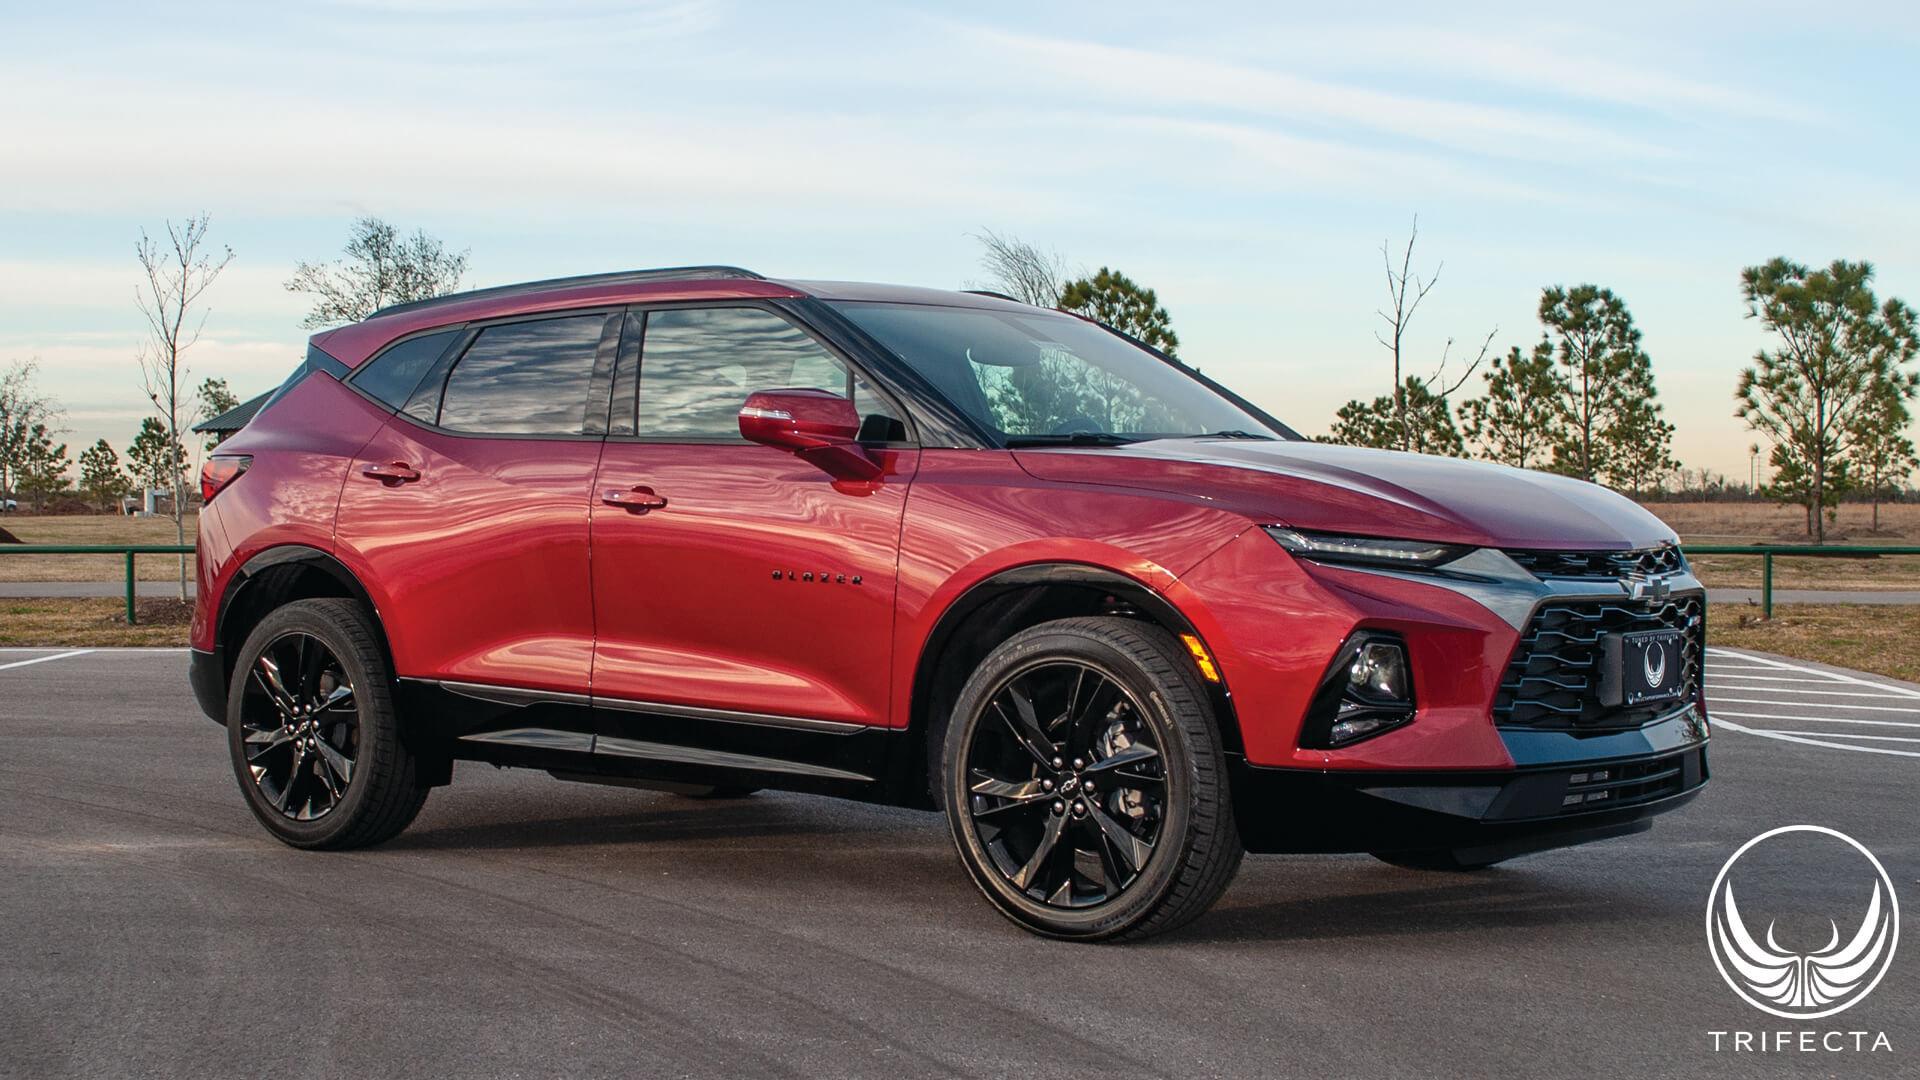 Product Review: 2019 Chevrolet Blazer - 3.6L - Advantage